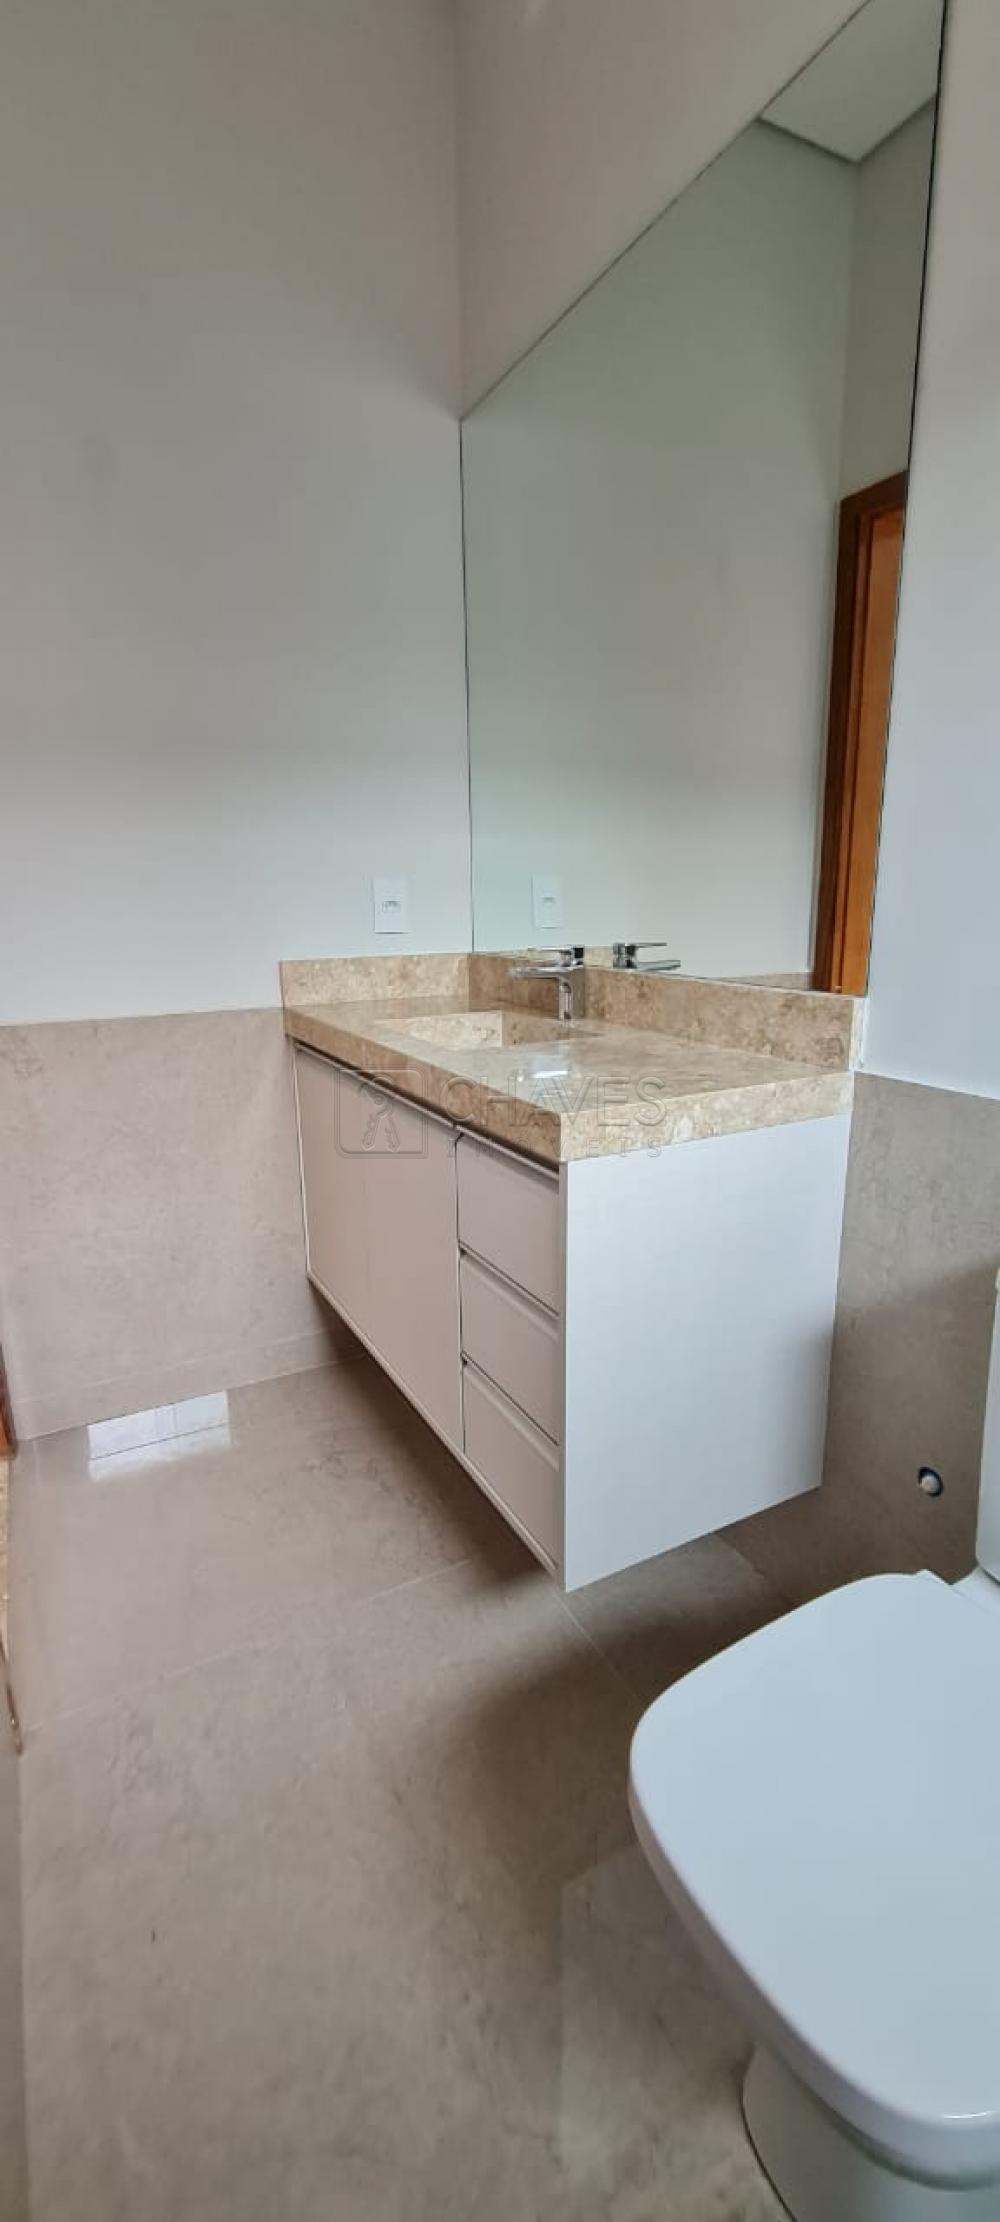 Comprar Casa / Condomínio em Ribeirão Preto apenas R$ 1.050.000,00 - Foto 28